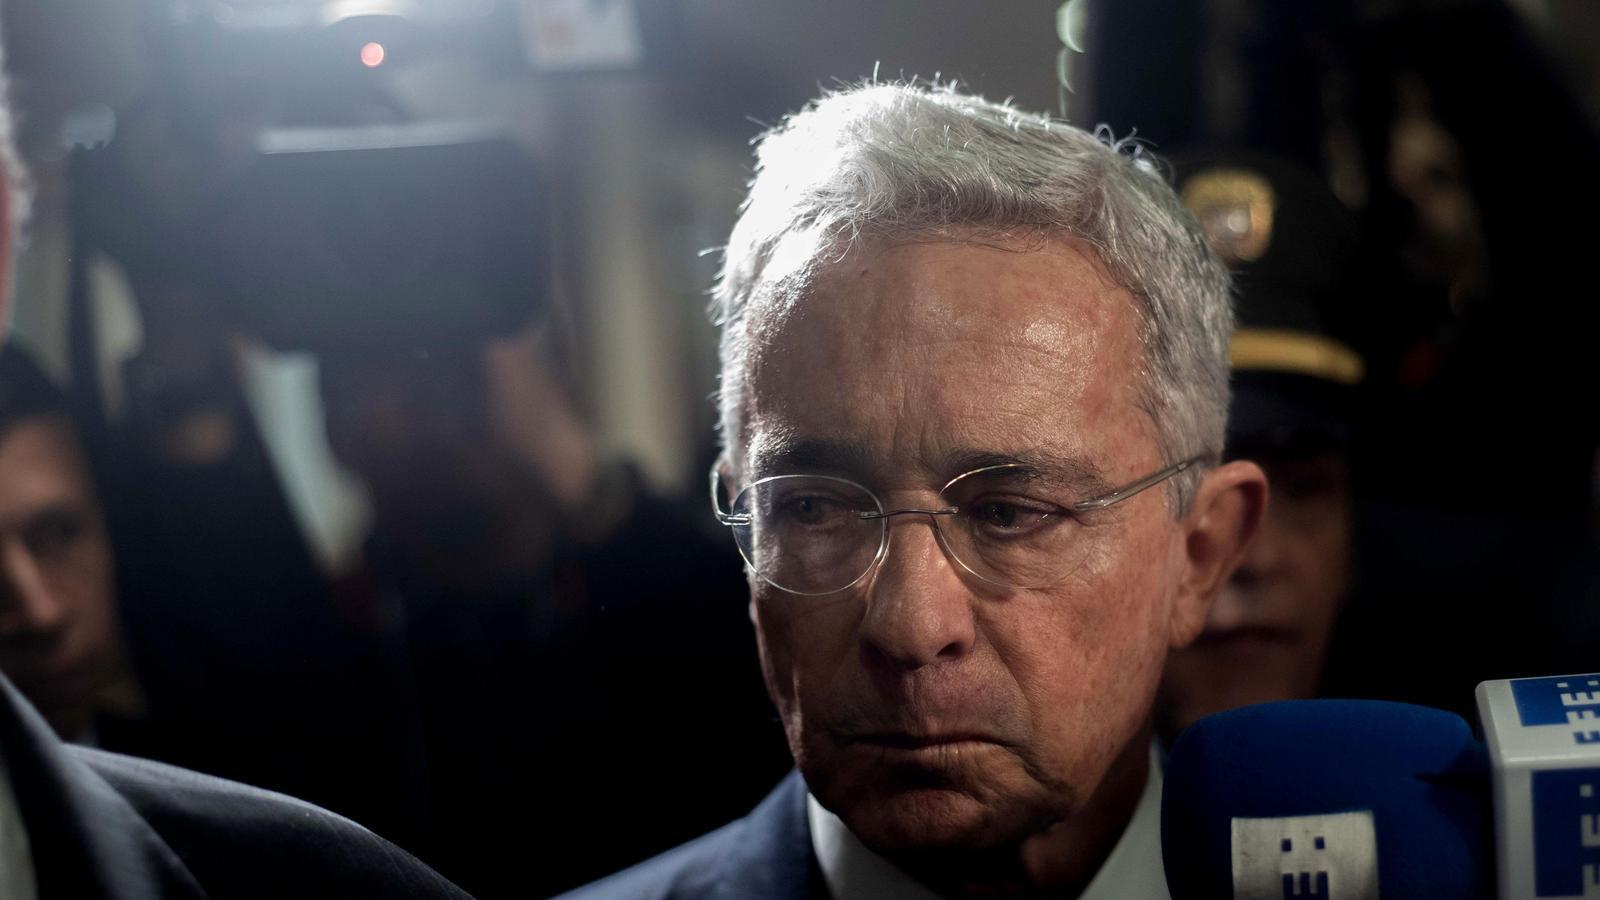 L'expresident colombià Álvaro Uribe arriba a la Cort Suprema el passat octubre